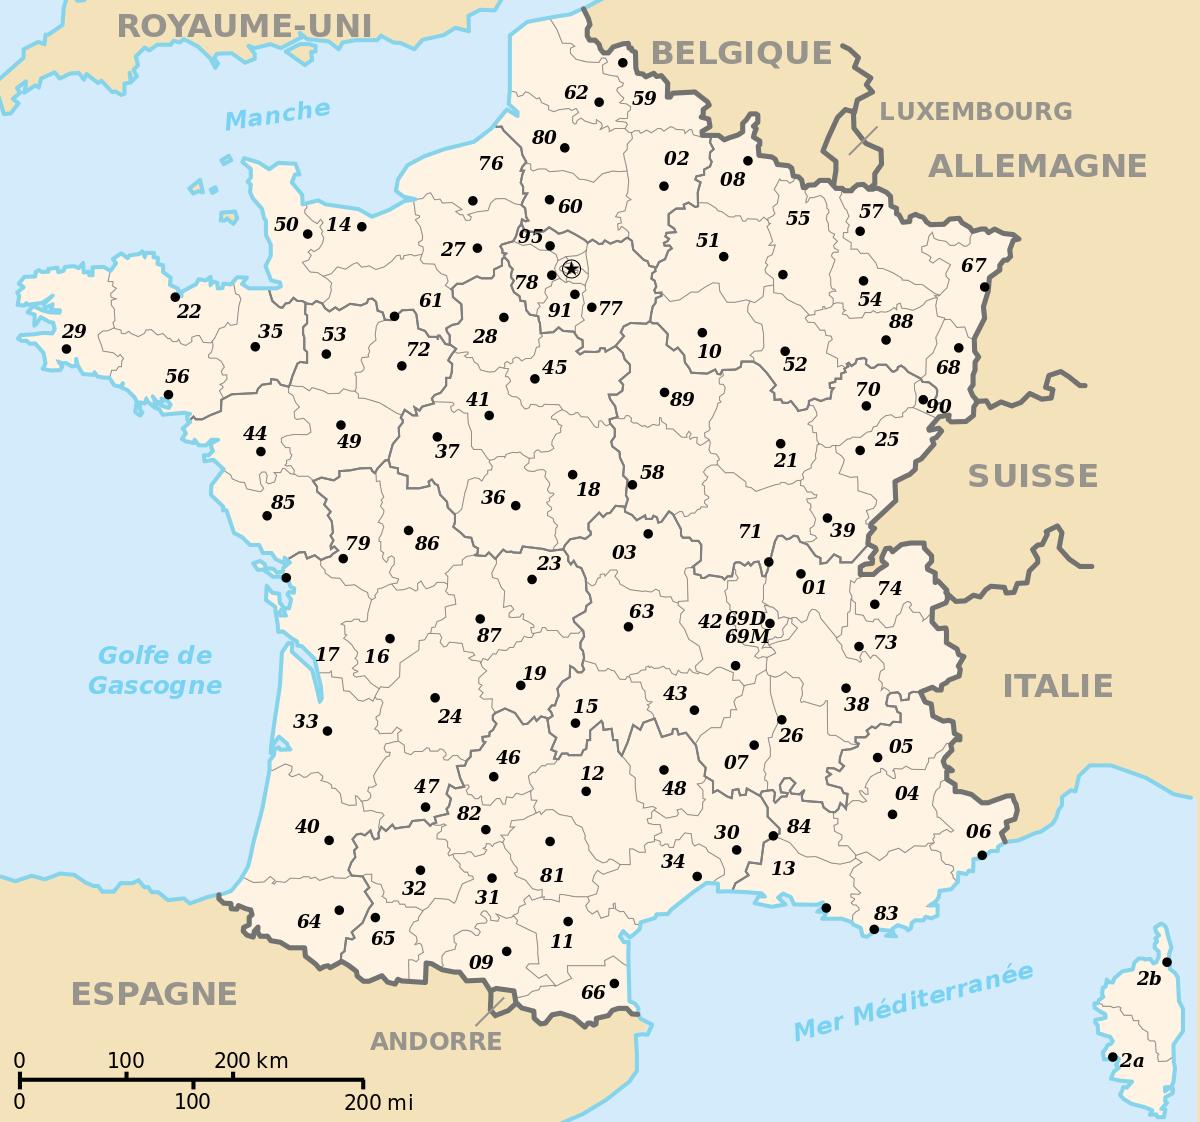 Prefectures In France - Wikipedia avec Liste Region De France